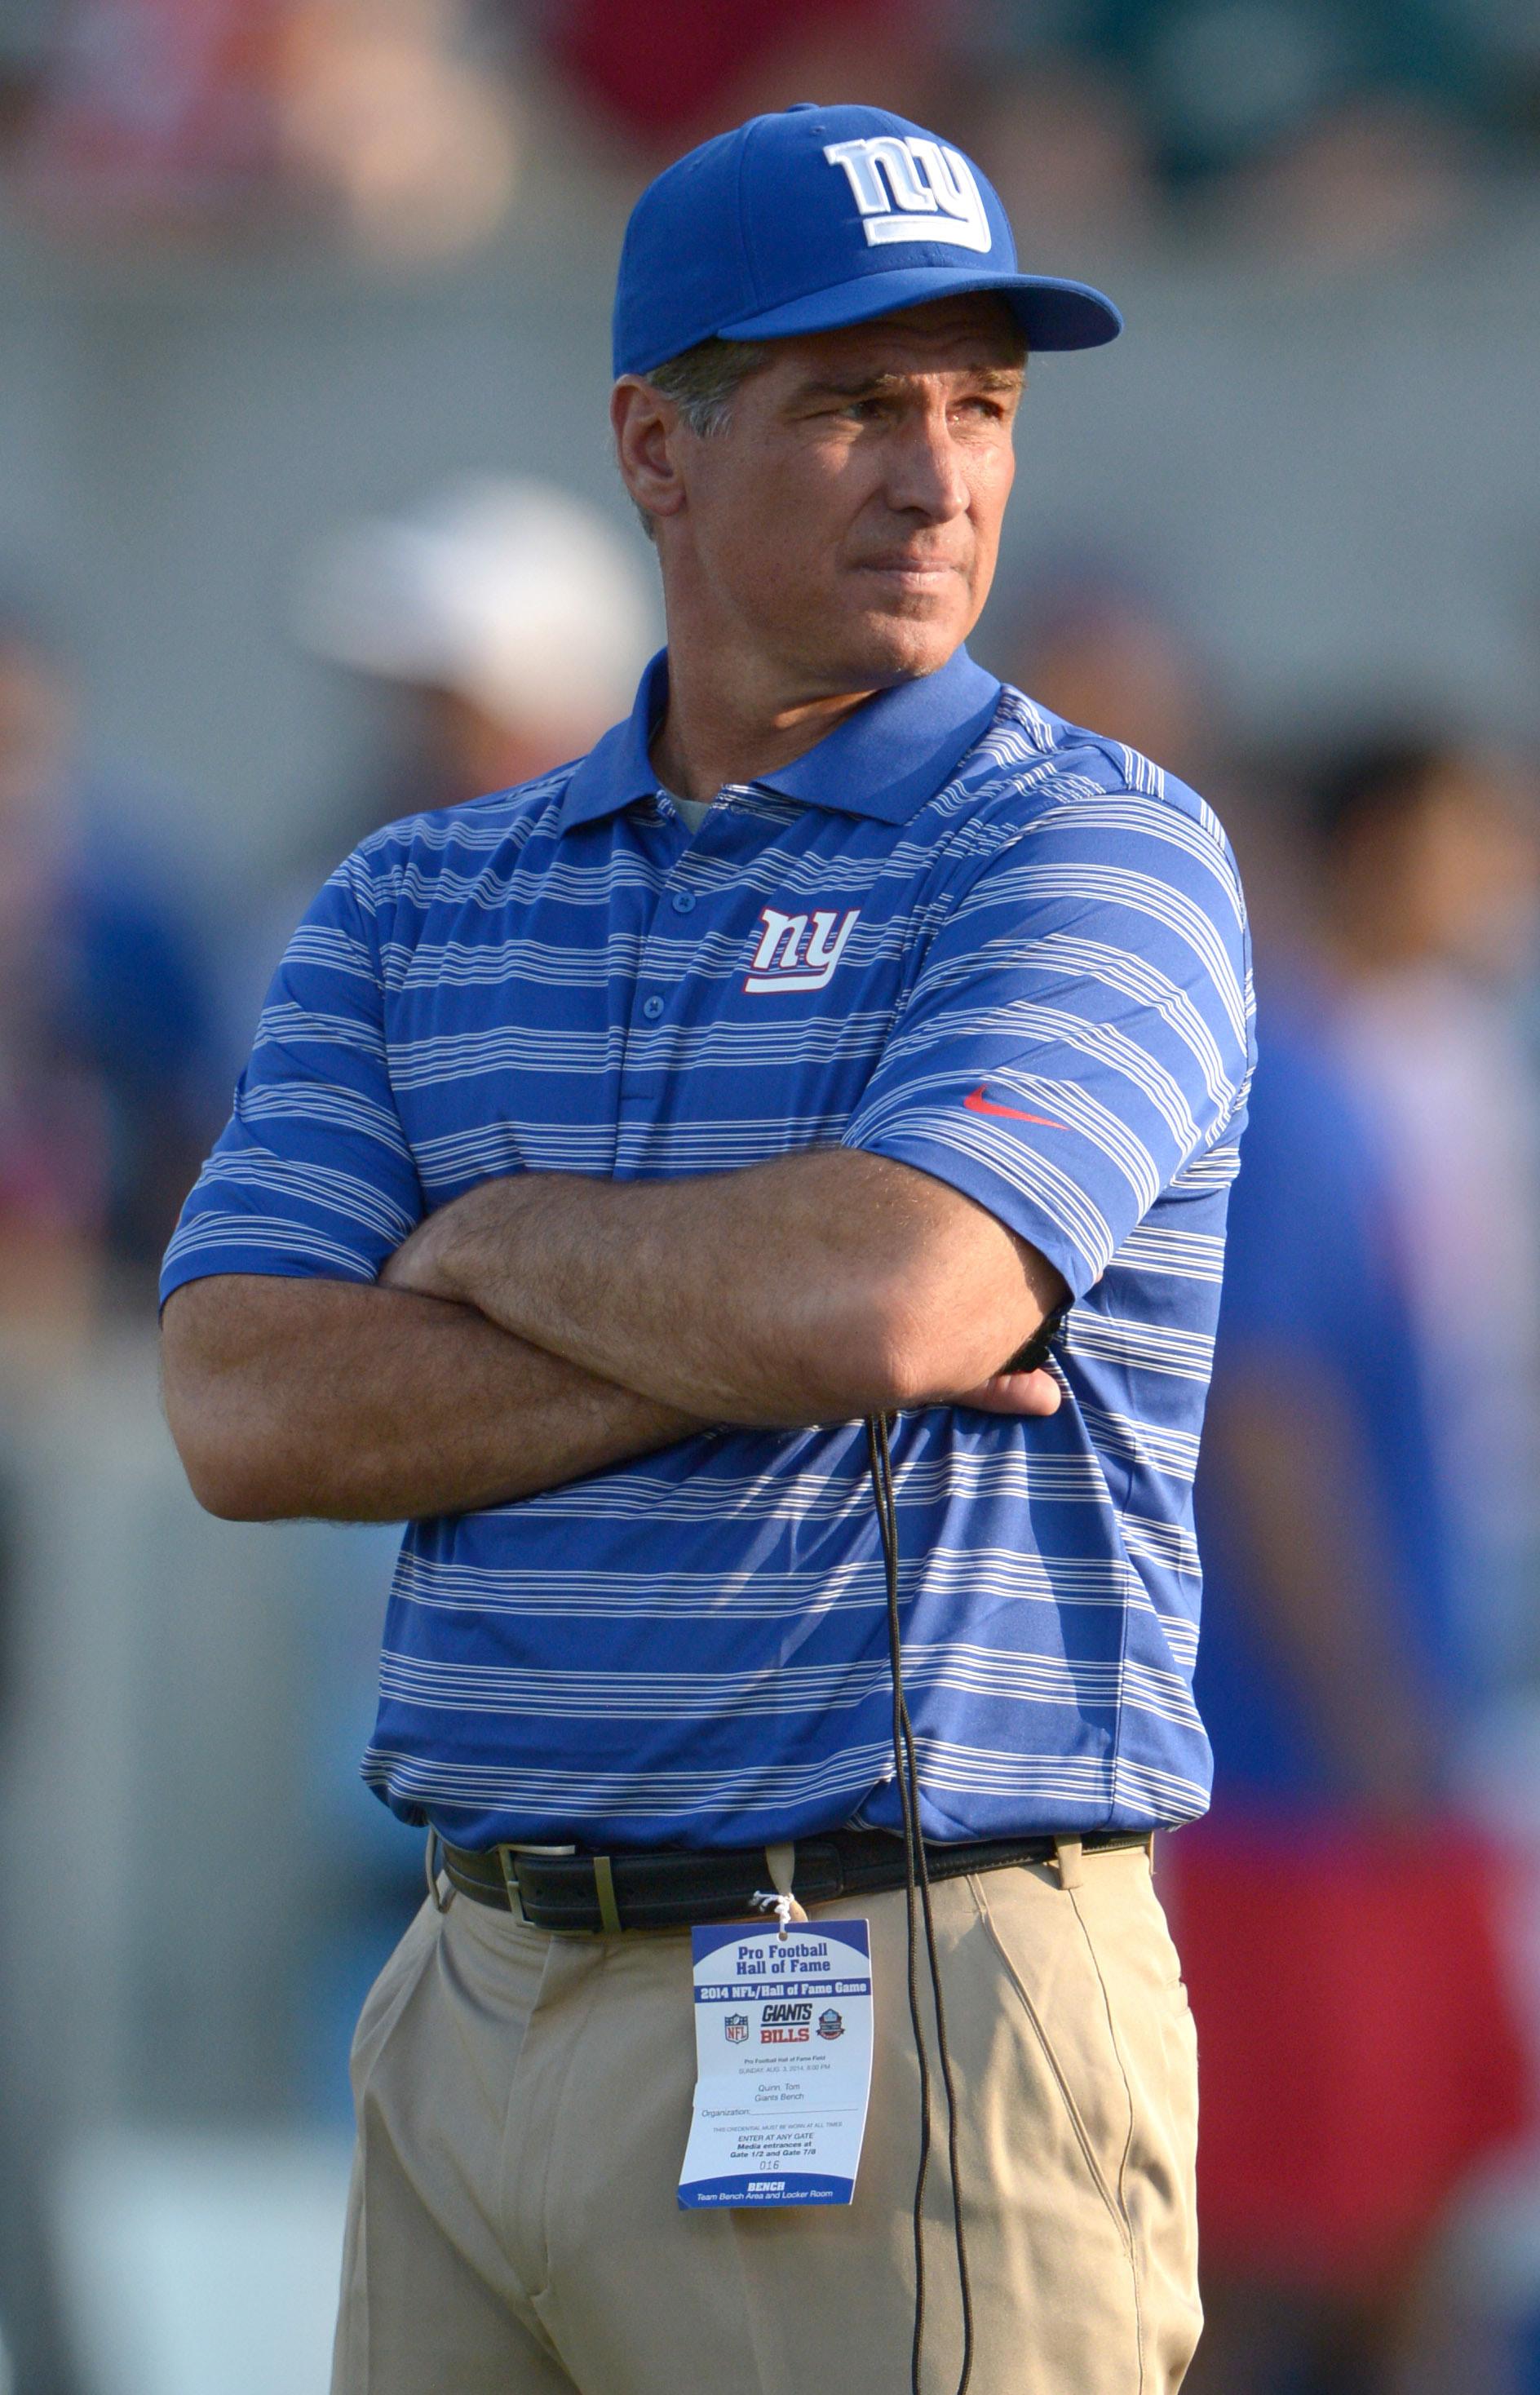 Giants special teams coach Tom Quinn